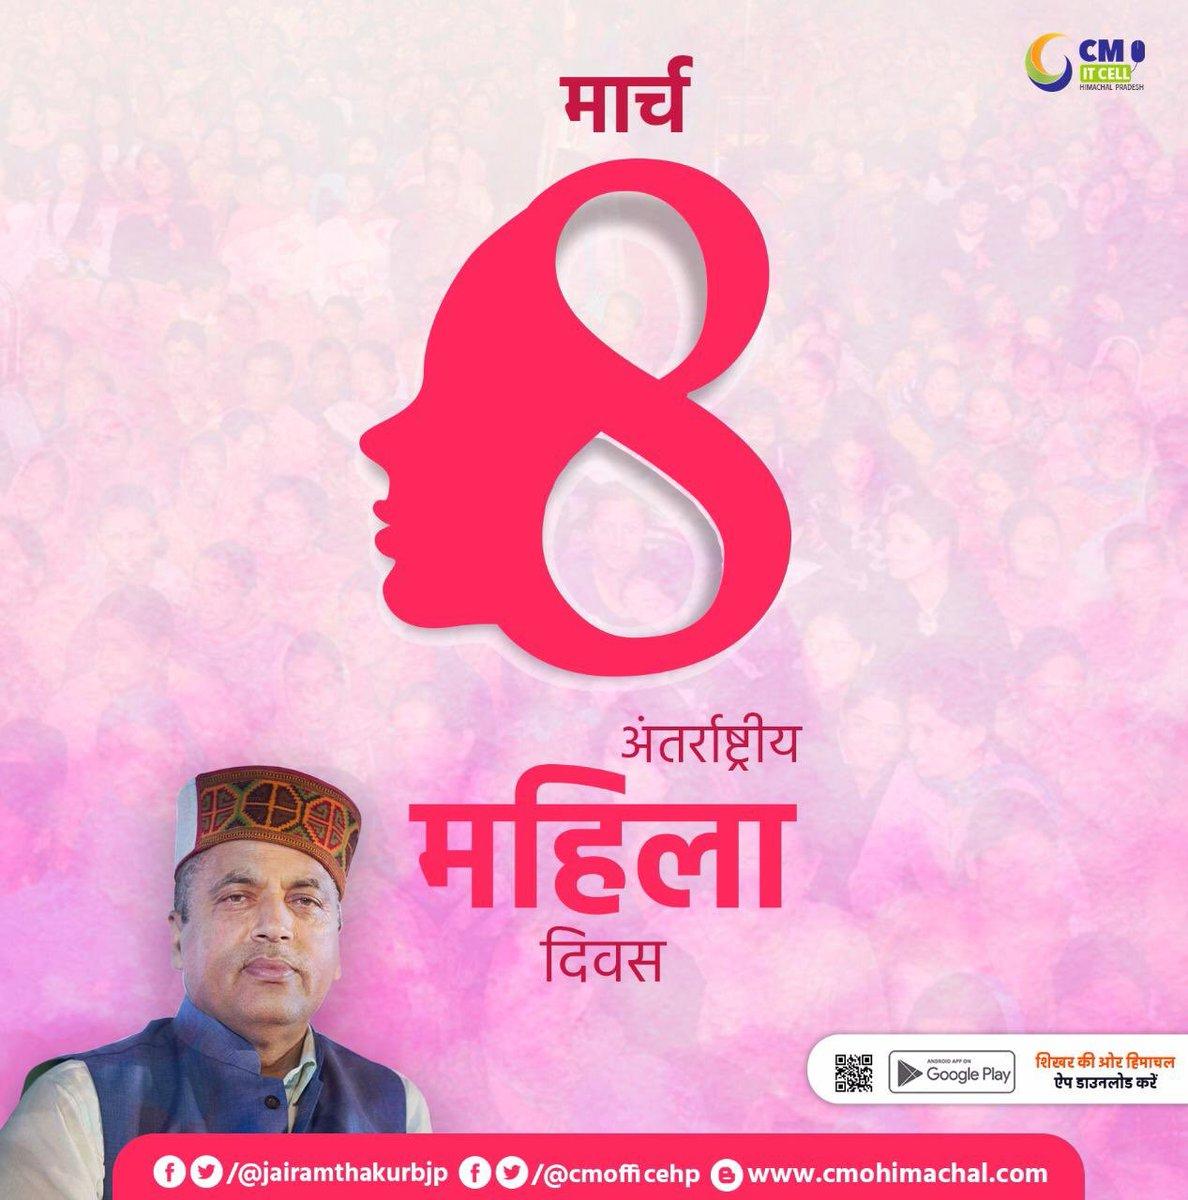 """""""अंतर्राष्ट्रीय महिला दिवस"""" की नारी शक्ति को हार्दिक शुभकामनाएं। आज कोई भी क्षेत्र ऐसा नहीं रहा जहां महिला वर्ग ने उपलब्धियों के नए आयाम न स्थापित किए हो, इस बात का हमें गर्व है। महिला सशक्तिकरण के लिए हमारी सरकार वचनबद्ध है। नारीशक्ति को नमन। #HappyWomensDay2019"""